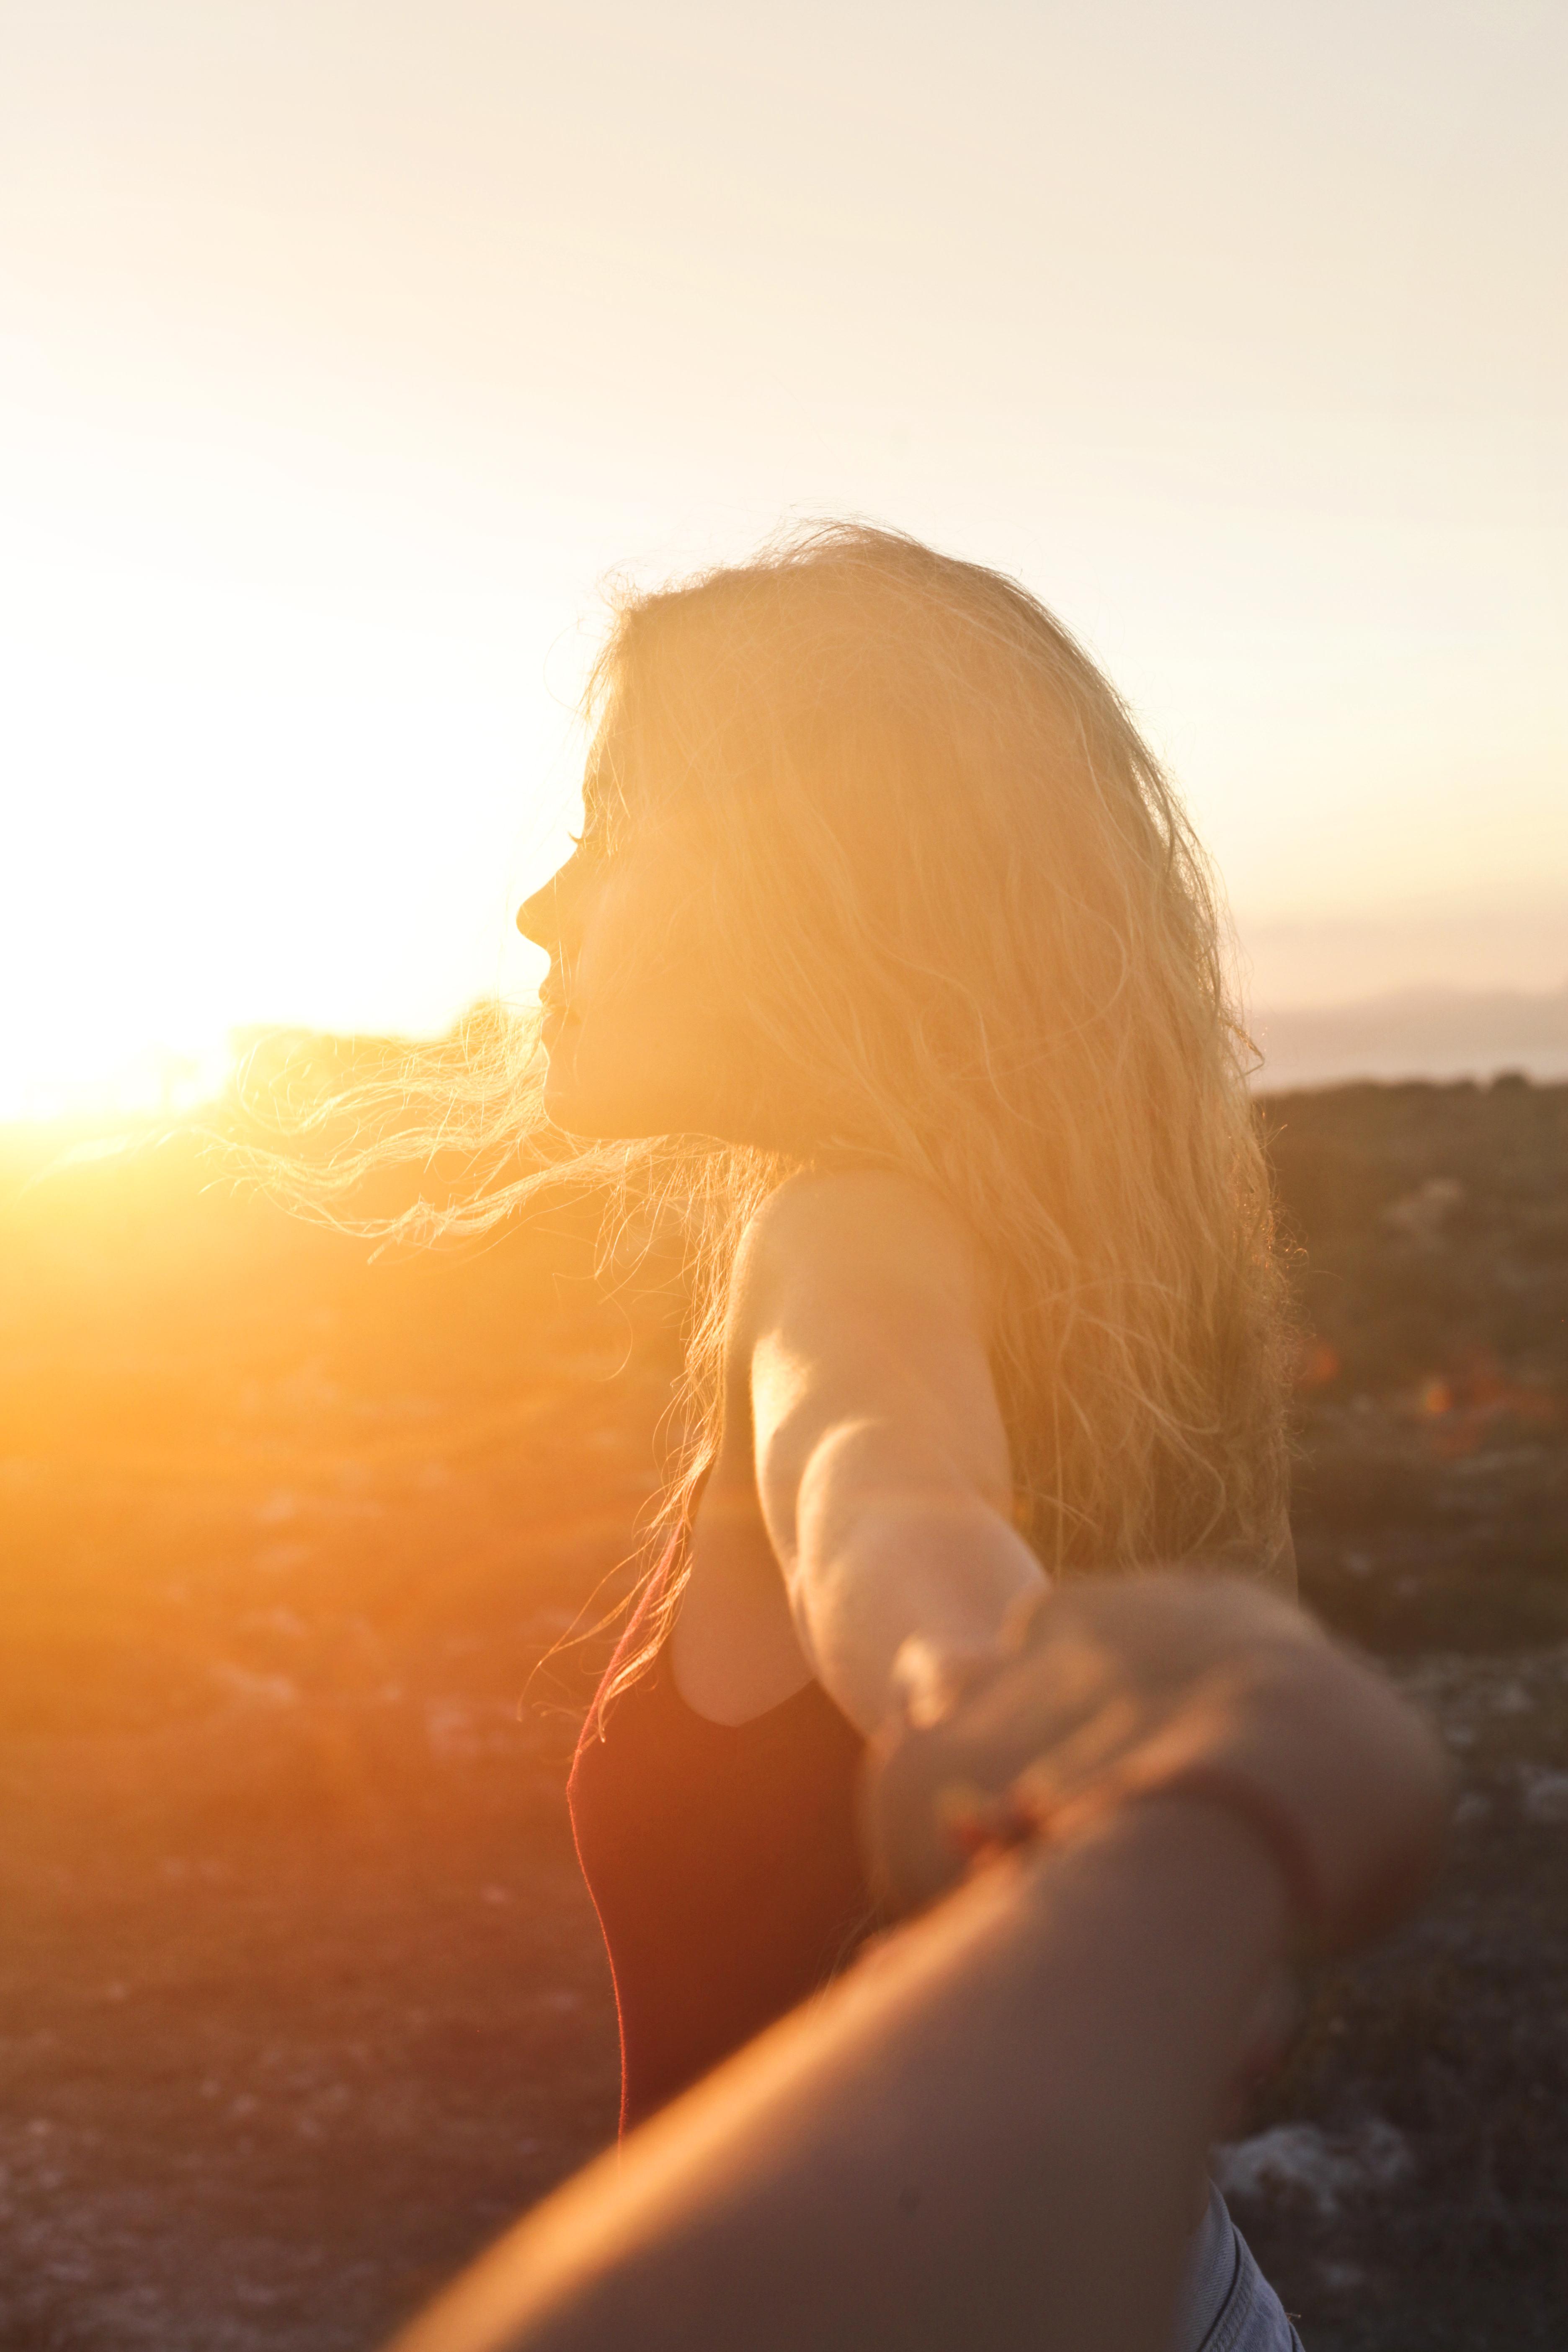 Ein Hoch auf die Unsicherheit! – Warum die Unsicherheit ungeahnte Chancen mit sich bringt